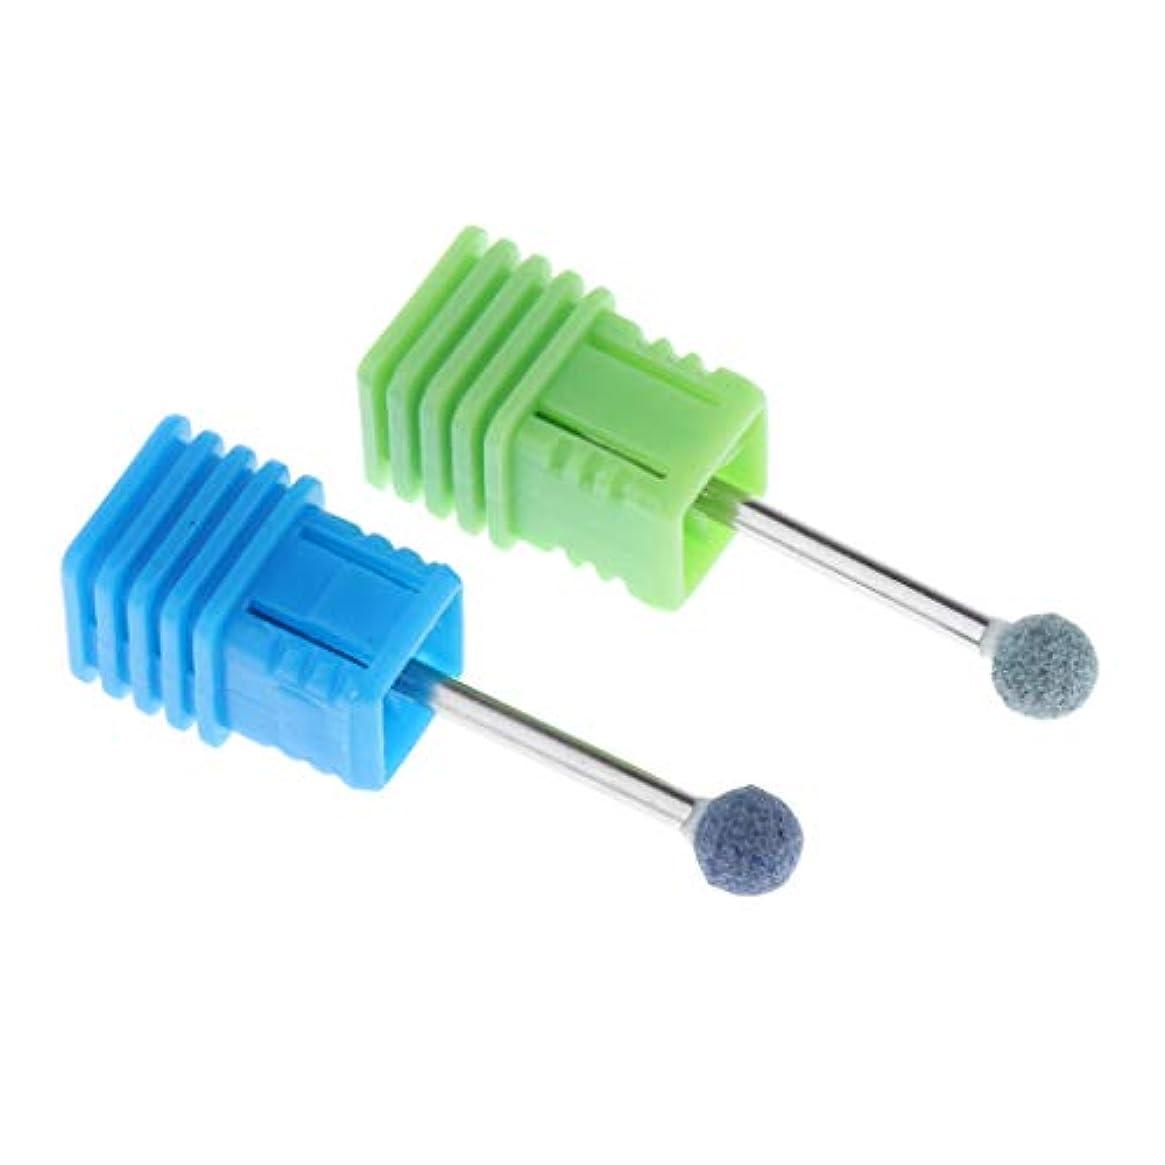 ニュージーランドデモンストレーションがんばり続ける爪 磨き ヘッド 電動研磨ヘッド ネイル グラインド ヘッド アクリルネイル用ツール 2個 全6カラー - 緑+青